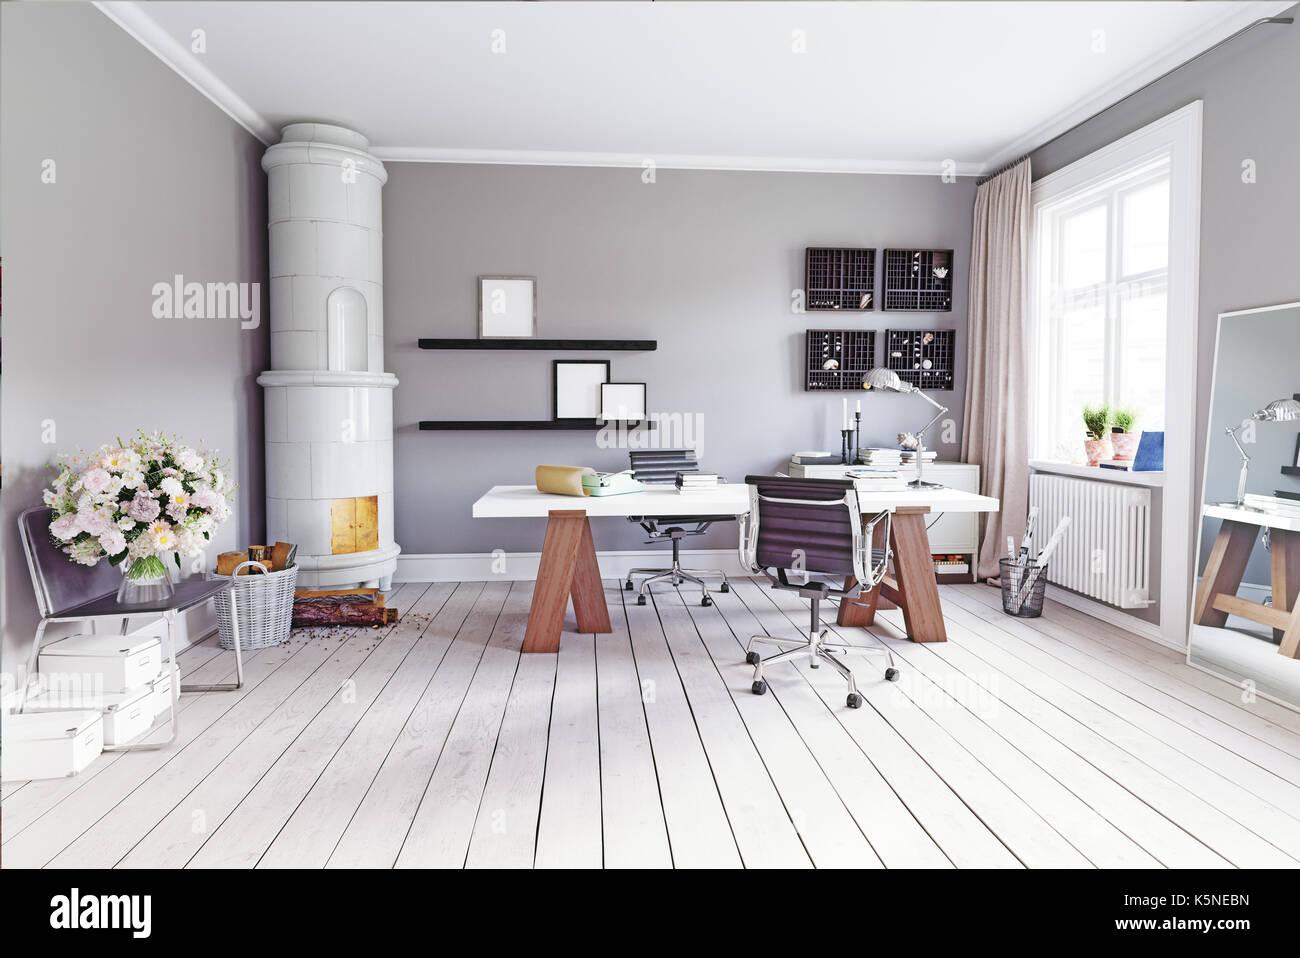 Salle d'étude moderne classique avec poele suédois, table et fauteuils. Concept 3D Rendering Photo Stock